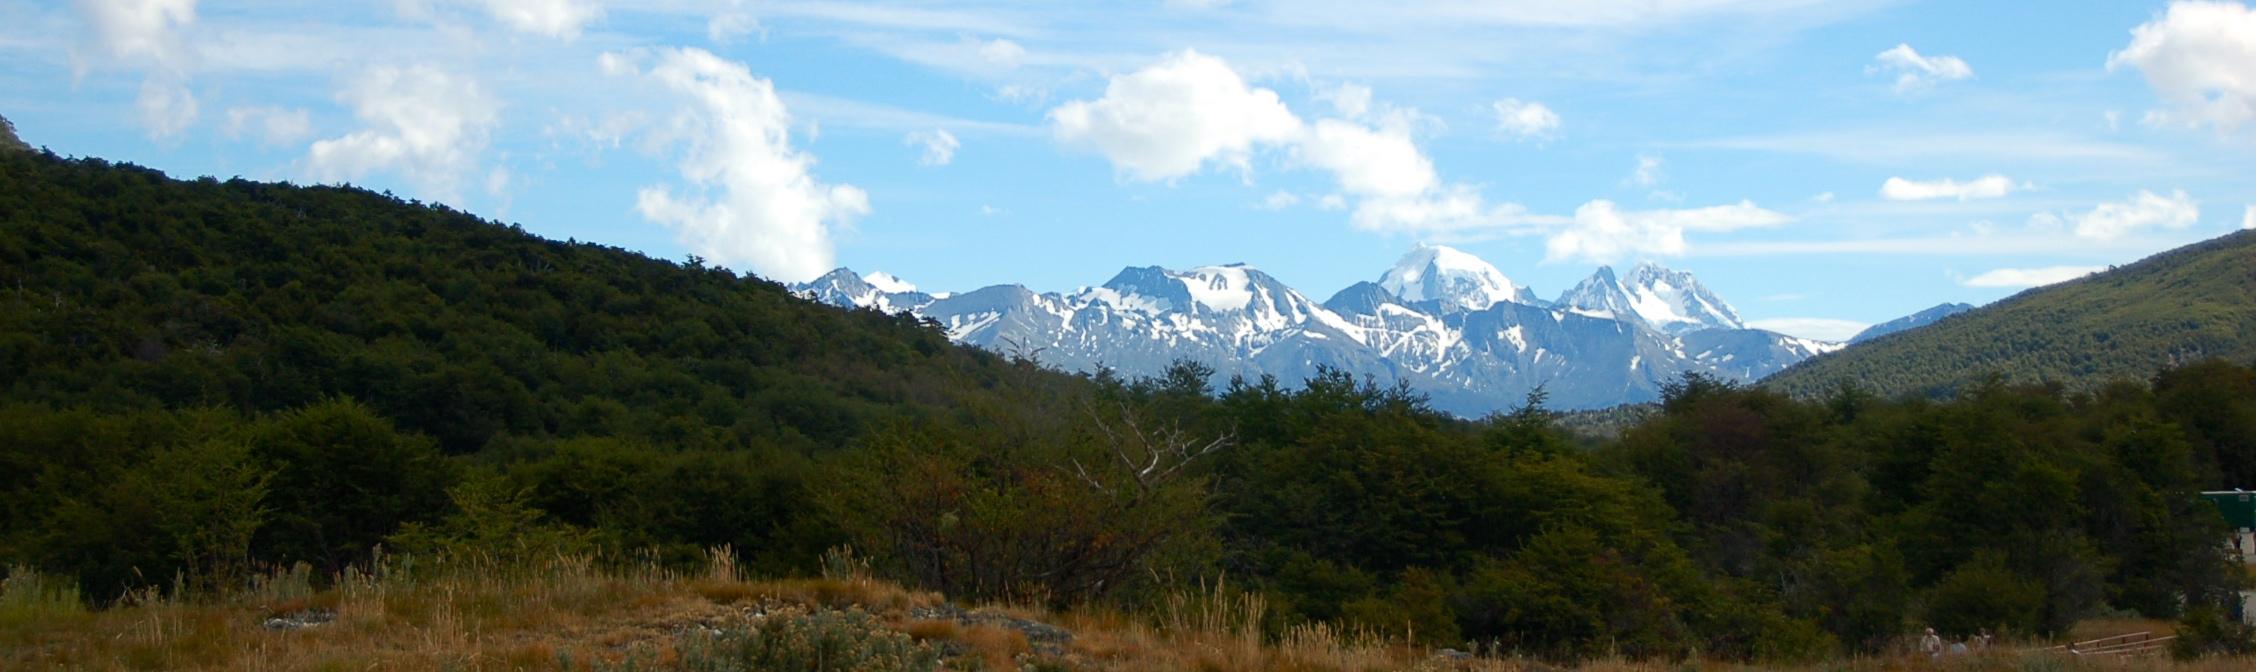 Tierra del Fuego, Ushuaia, Argentina